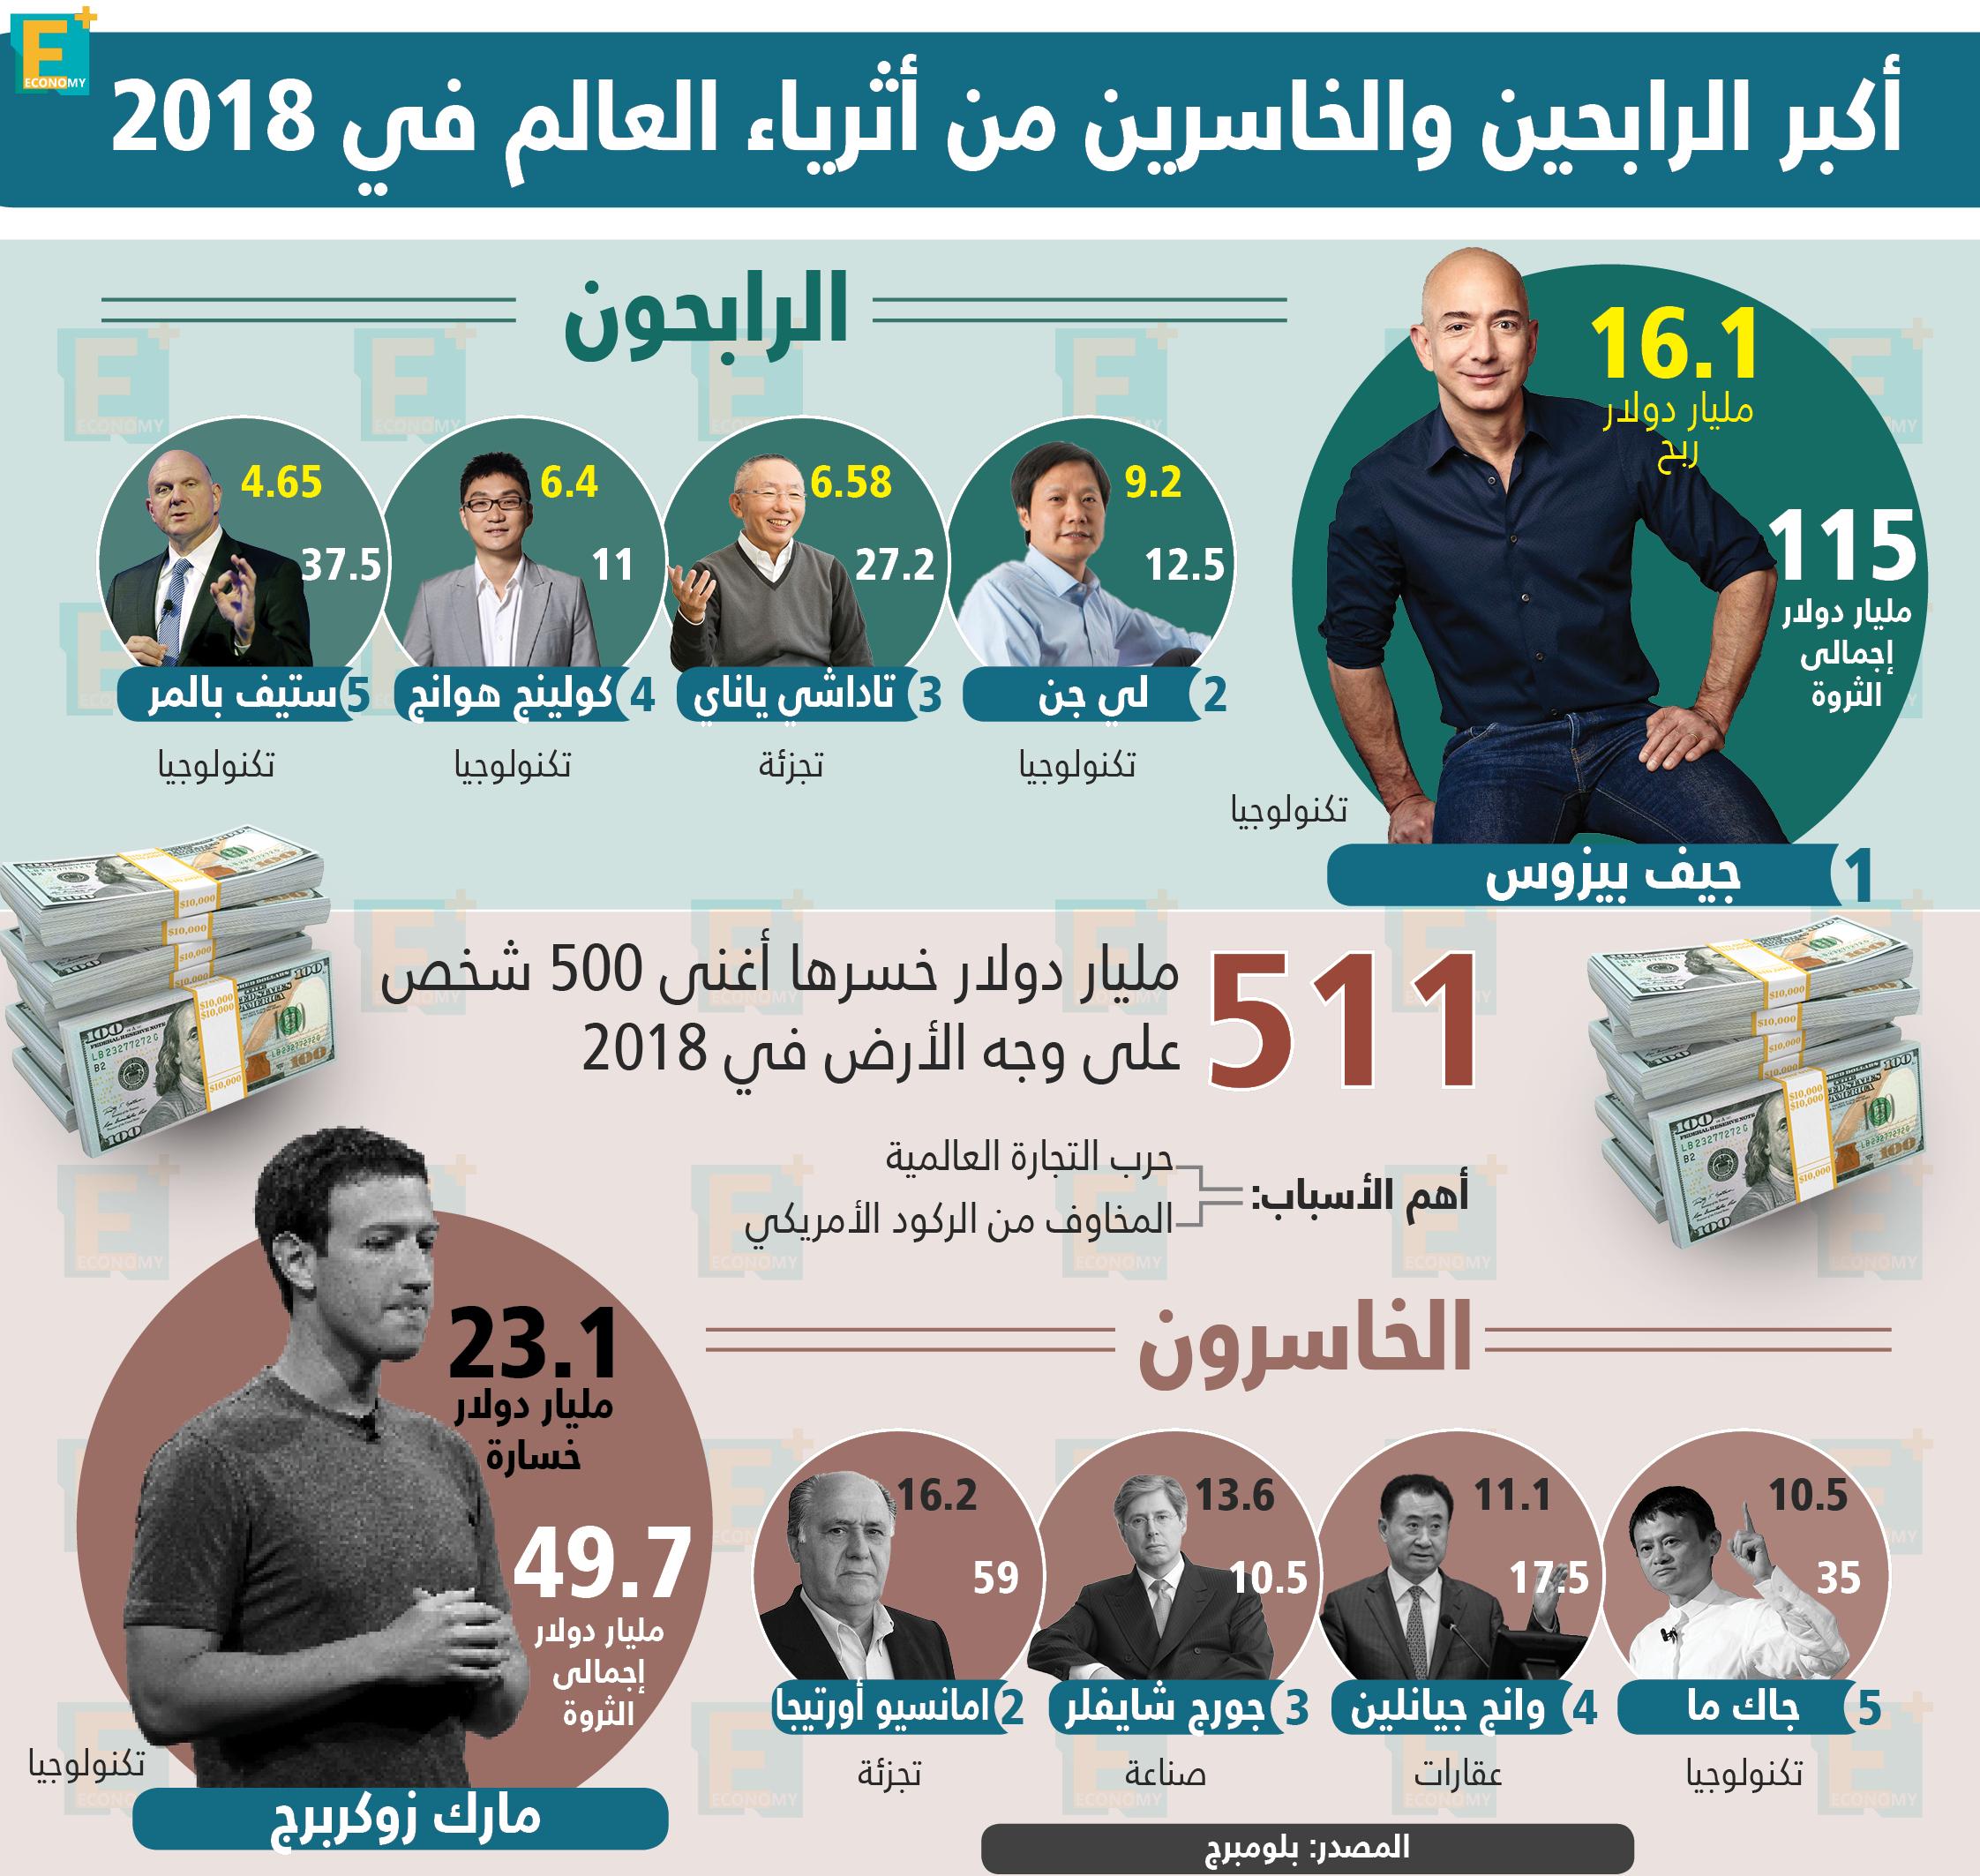 أكبر الرابحين والخاسرين من أثرياء العالم في 2018